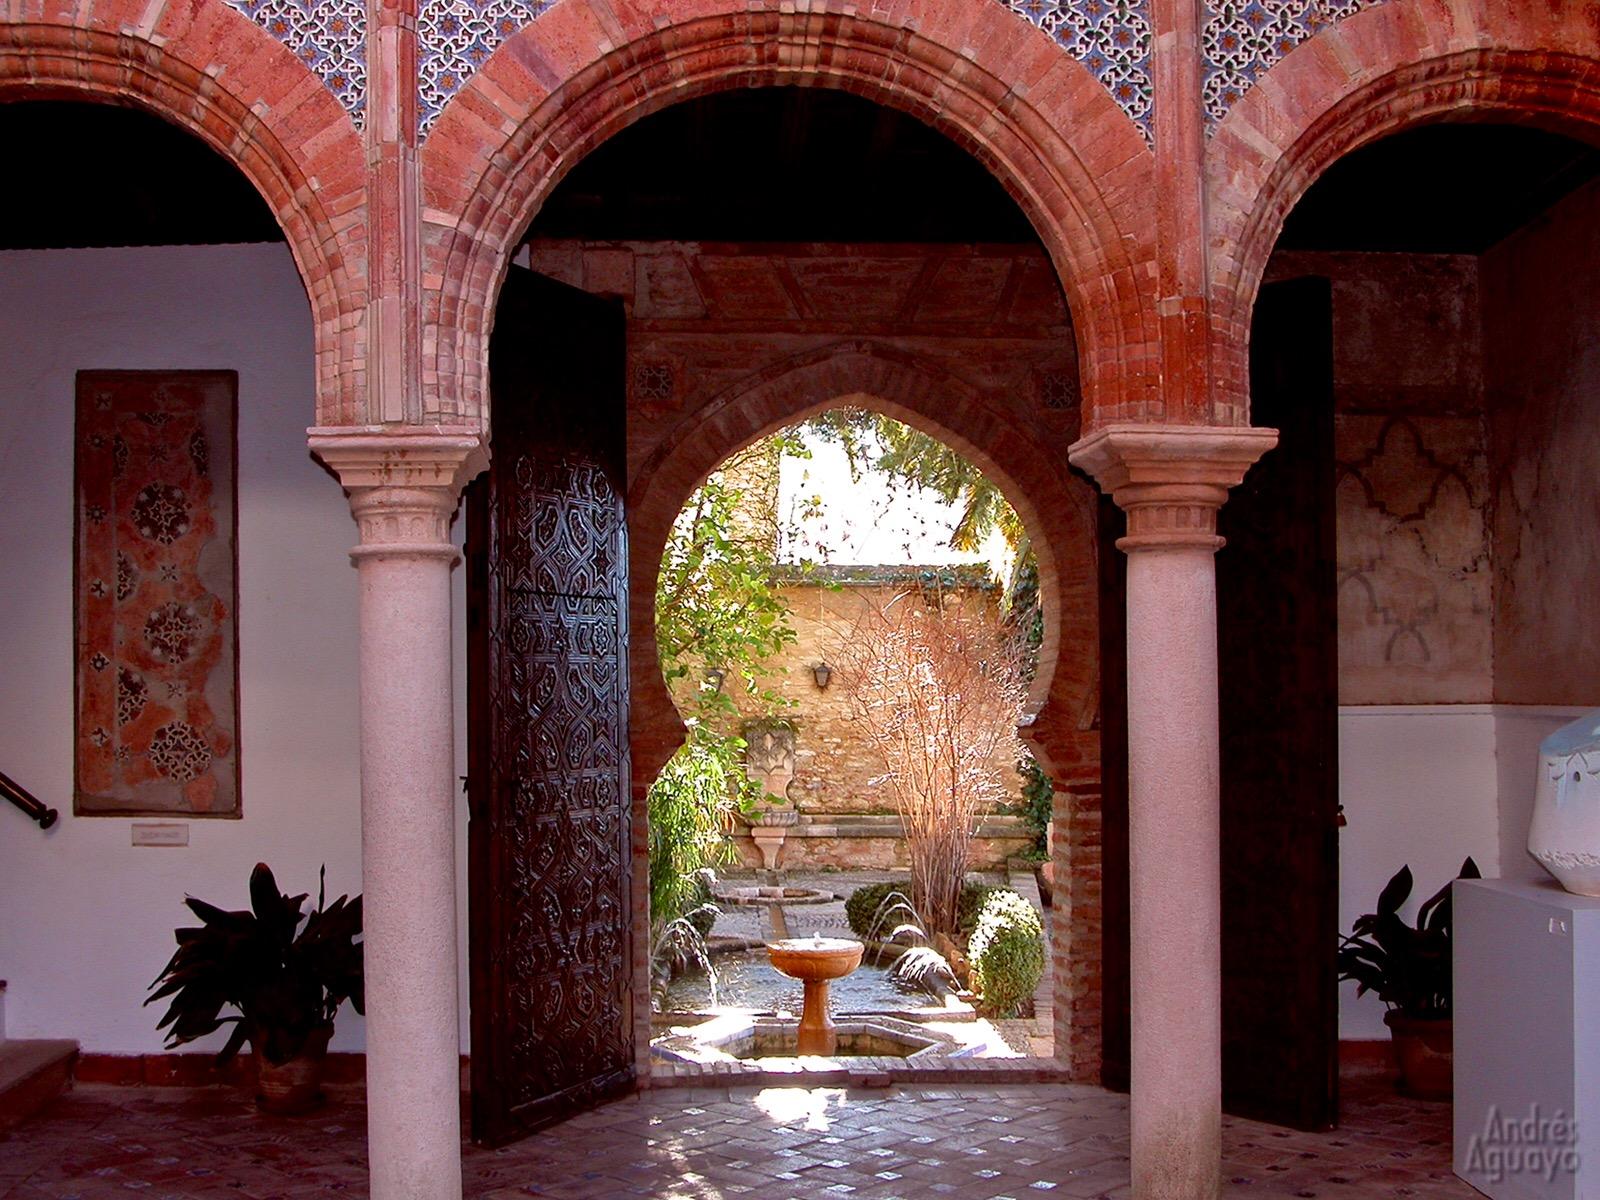 Places to visit from luxury villa rental in Ronda: La Cazalla